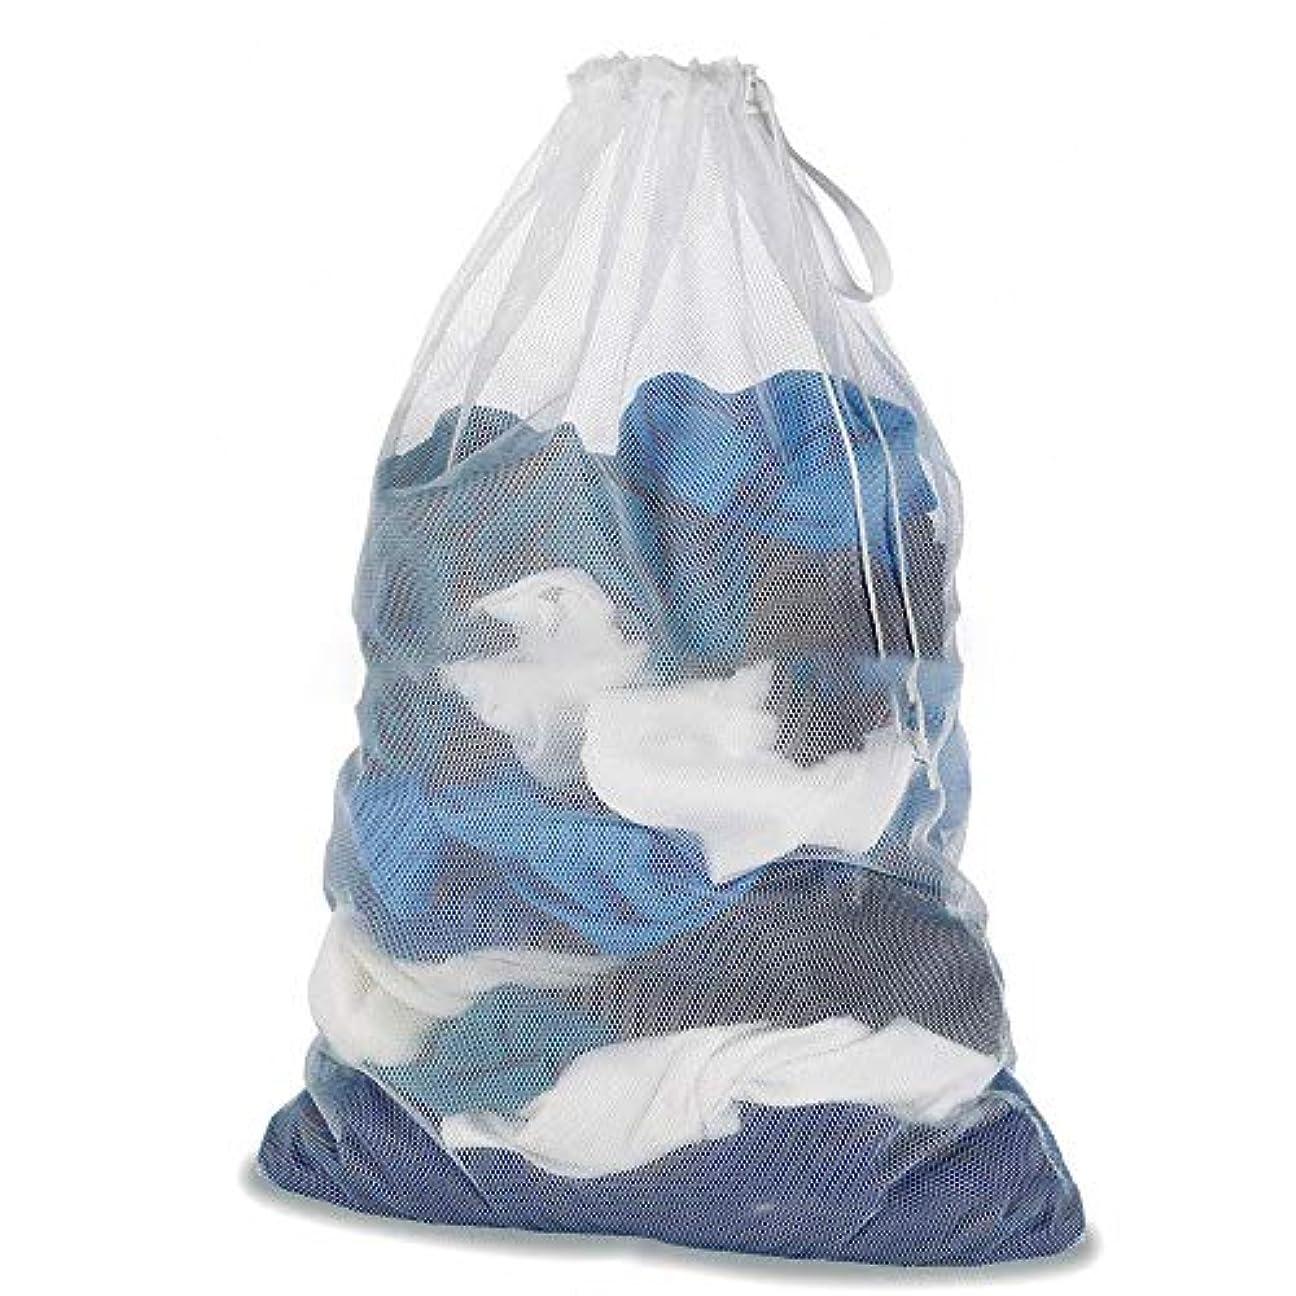 密接にコンペピーク赤ん坊の衣服、ドローストリングが付いているジャケットのカーテンのための大きい網の洗濯袋の洗濯袋 (マルチカラー)